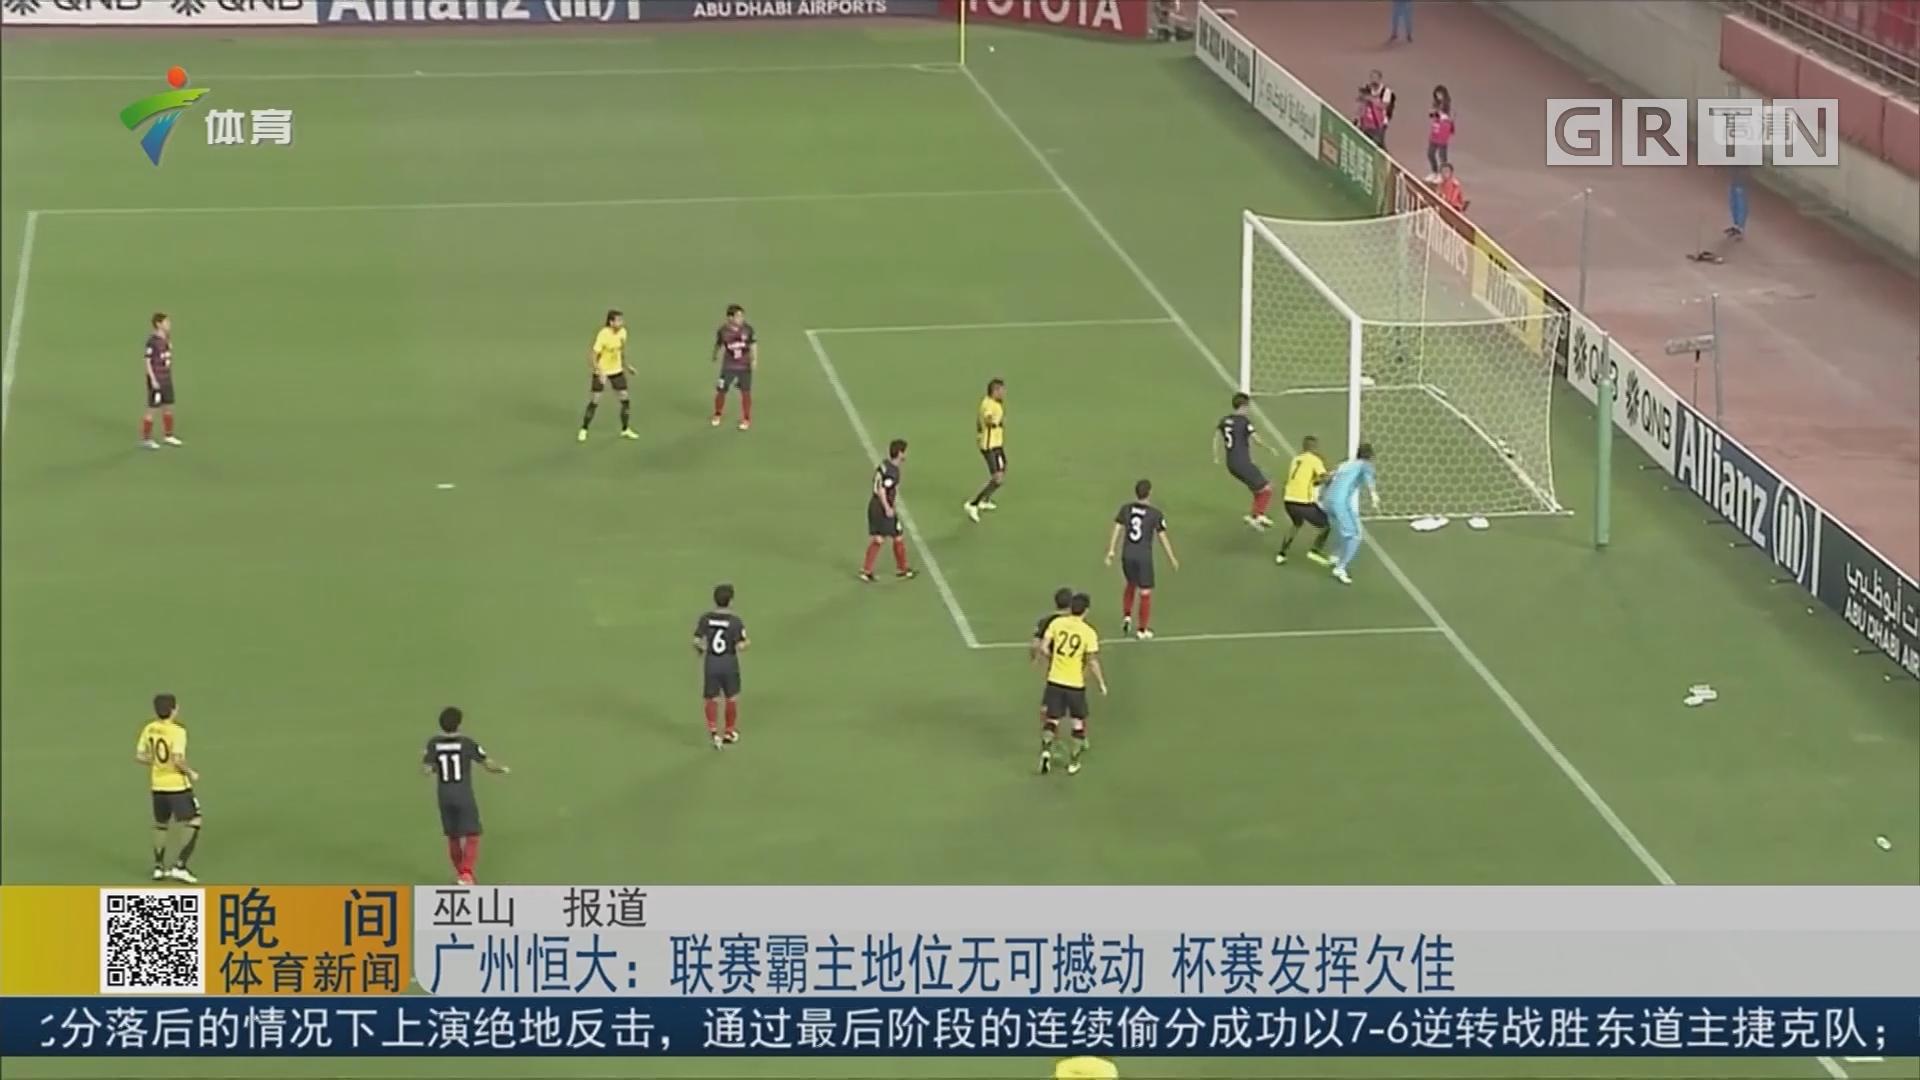 广州恒大:联赛霸主地位无可撼动 杯赛发挥欠佳